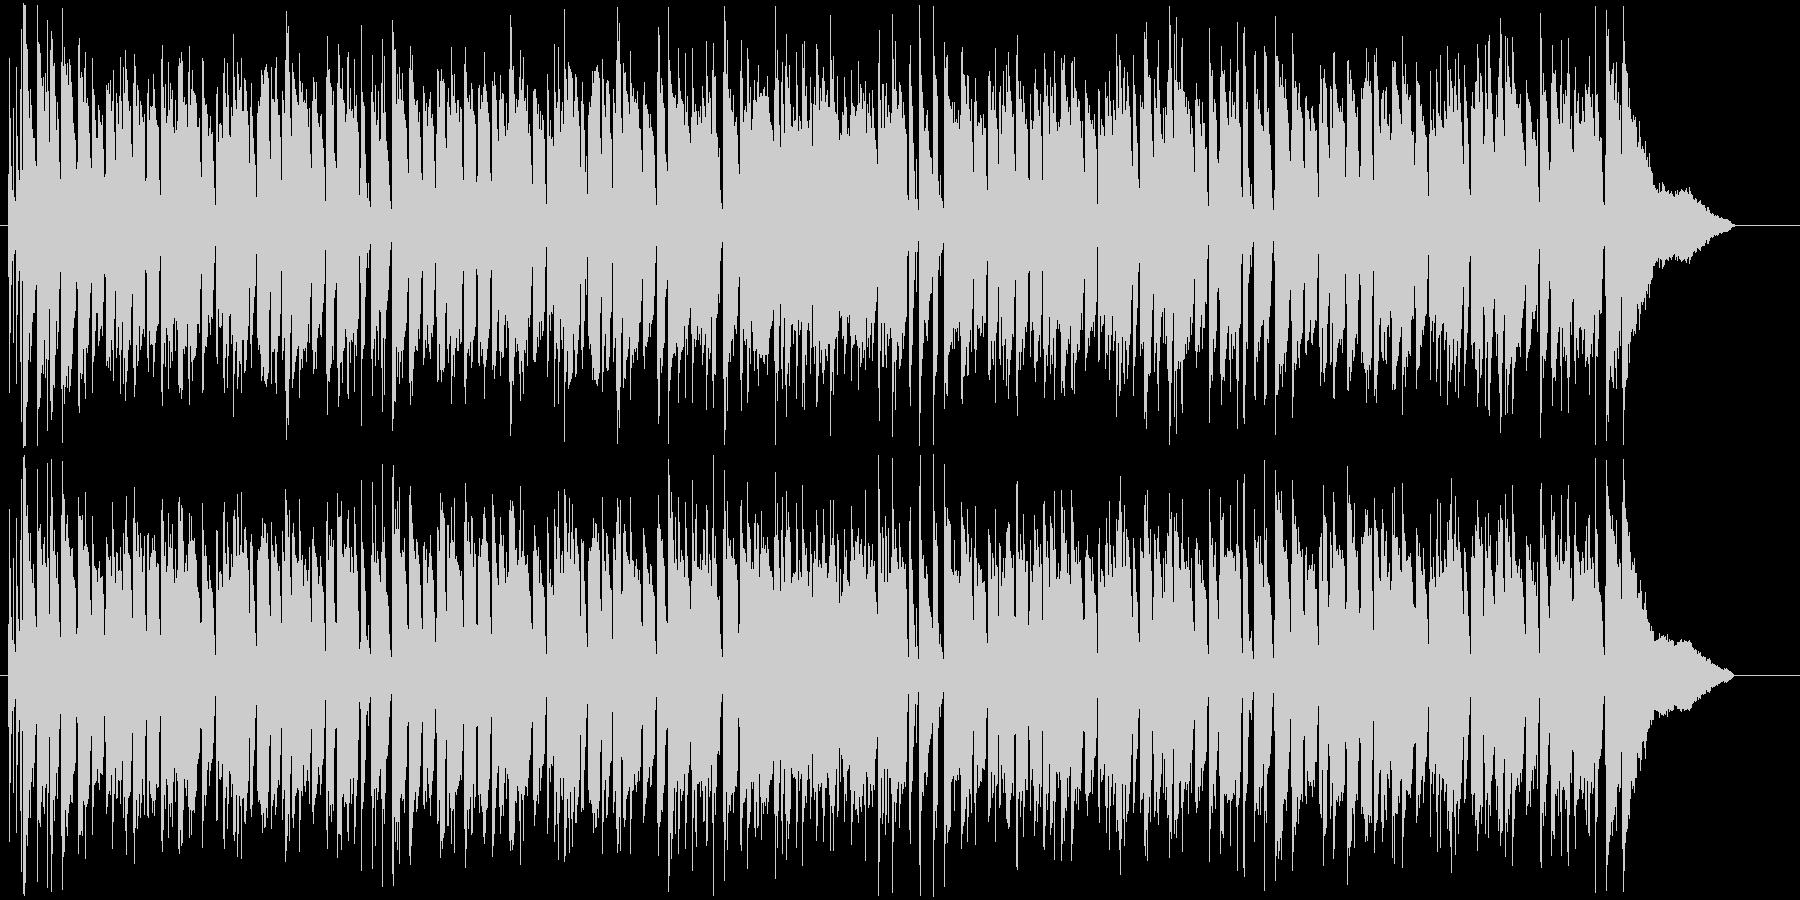 ピアノ伴奏をメインにしたジャズ風BGMの未再生の波形